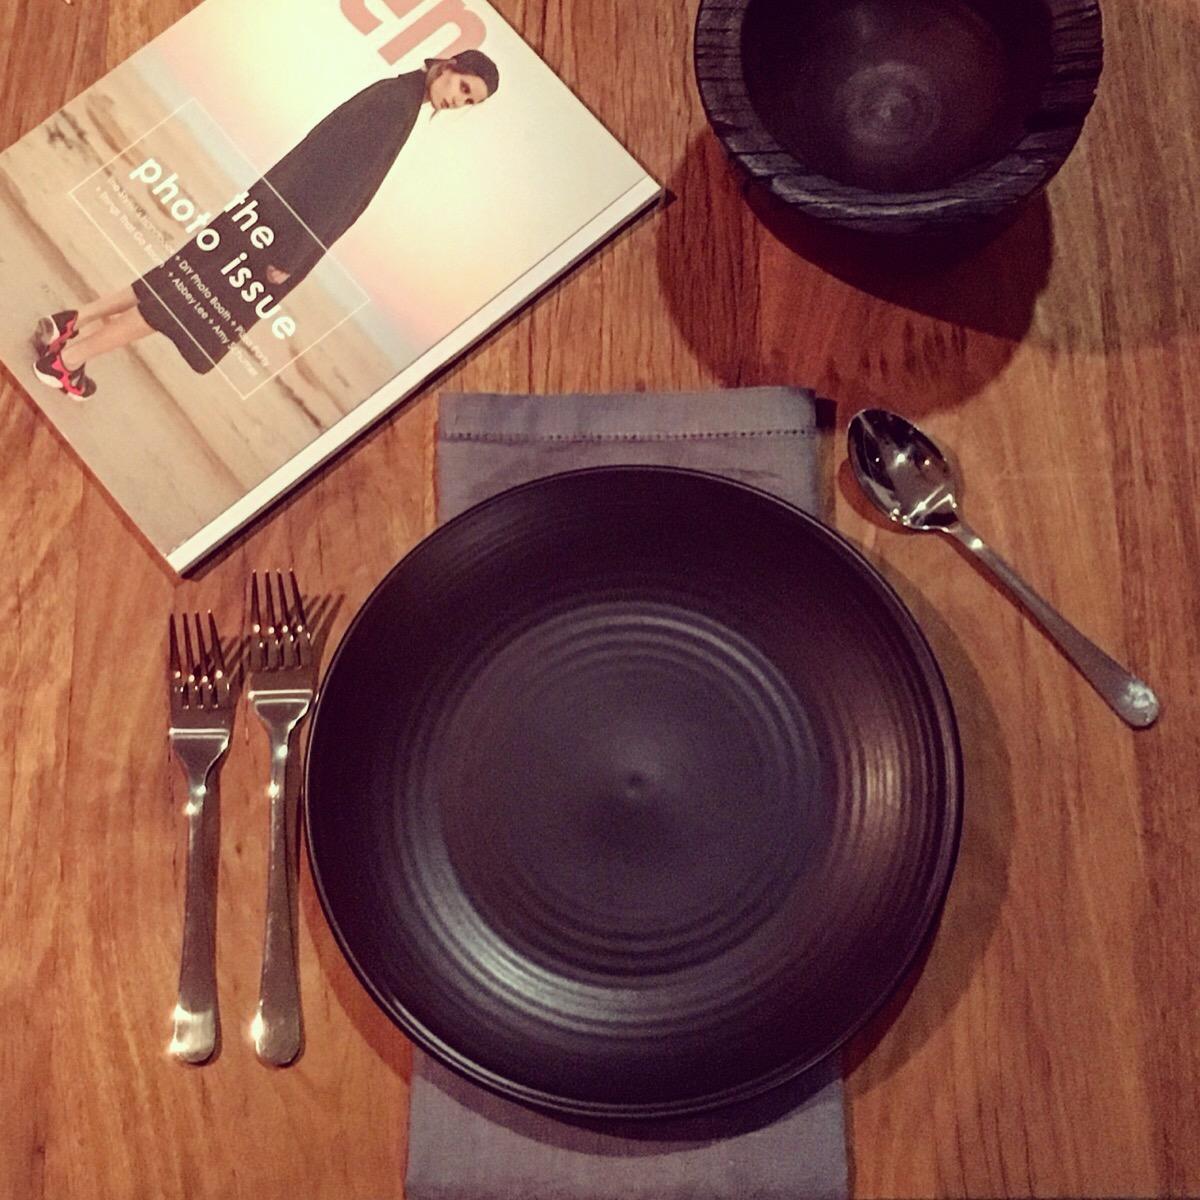 Black Dinner Plates $1.60 each